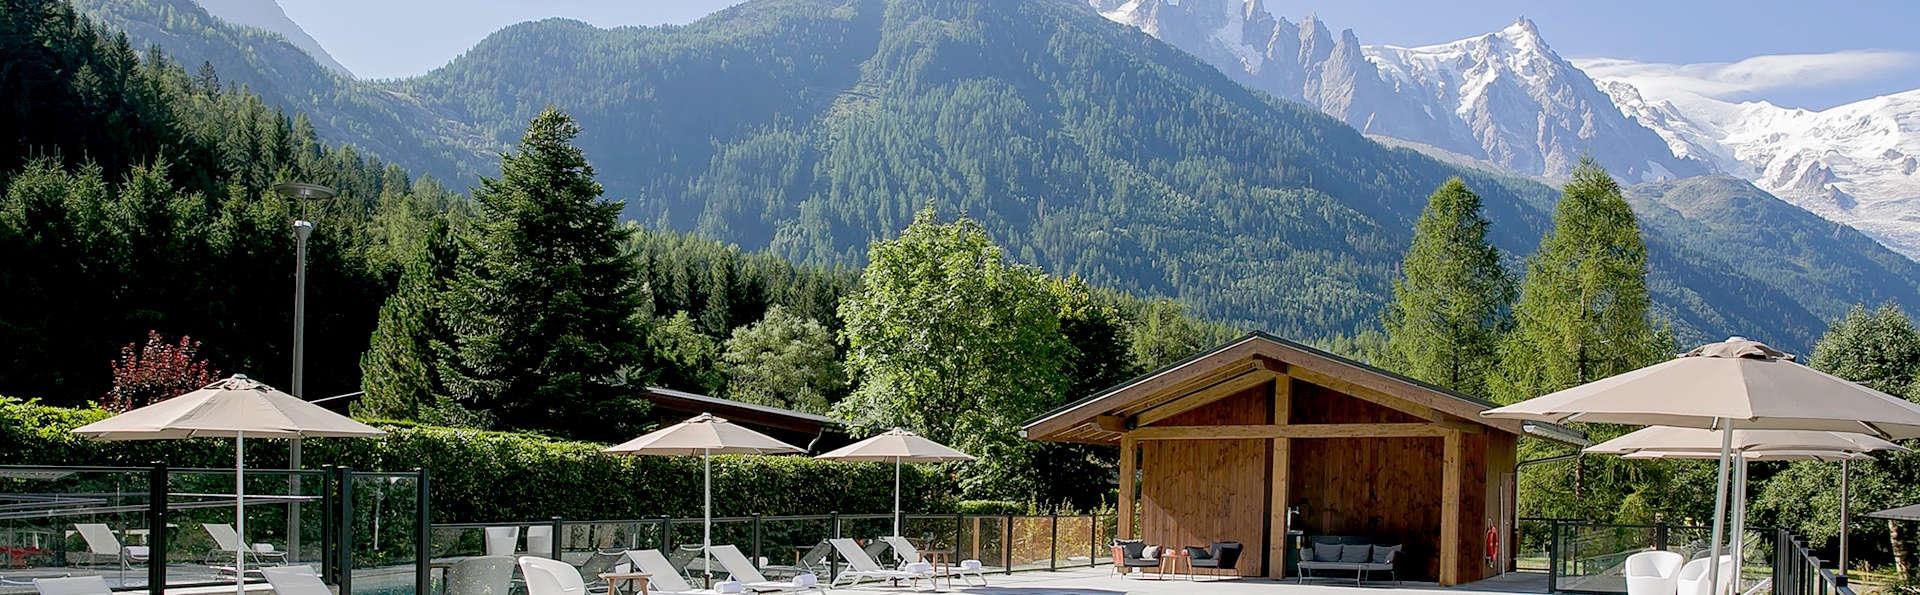 Détente et bien-être sous le soleil des Alpes, à Chamonix